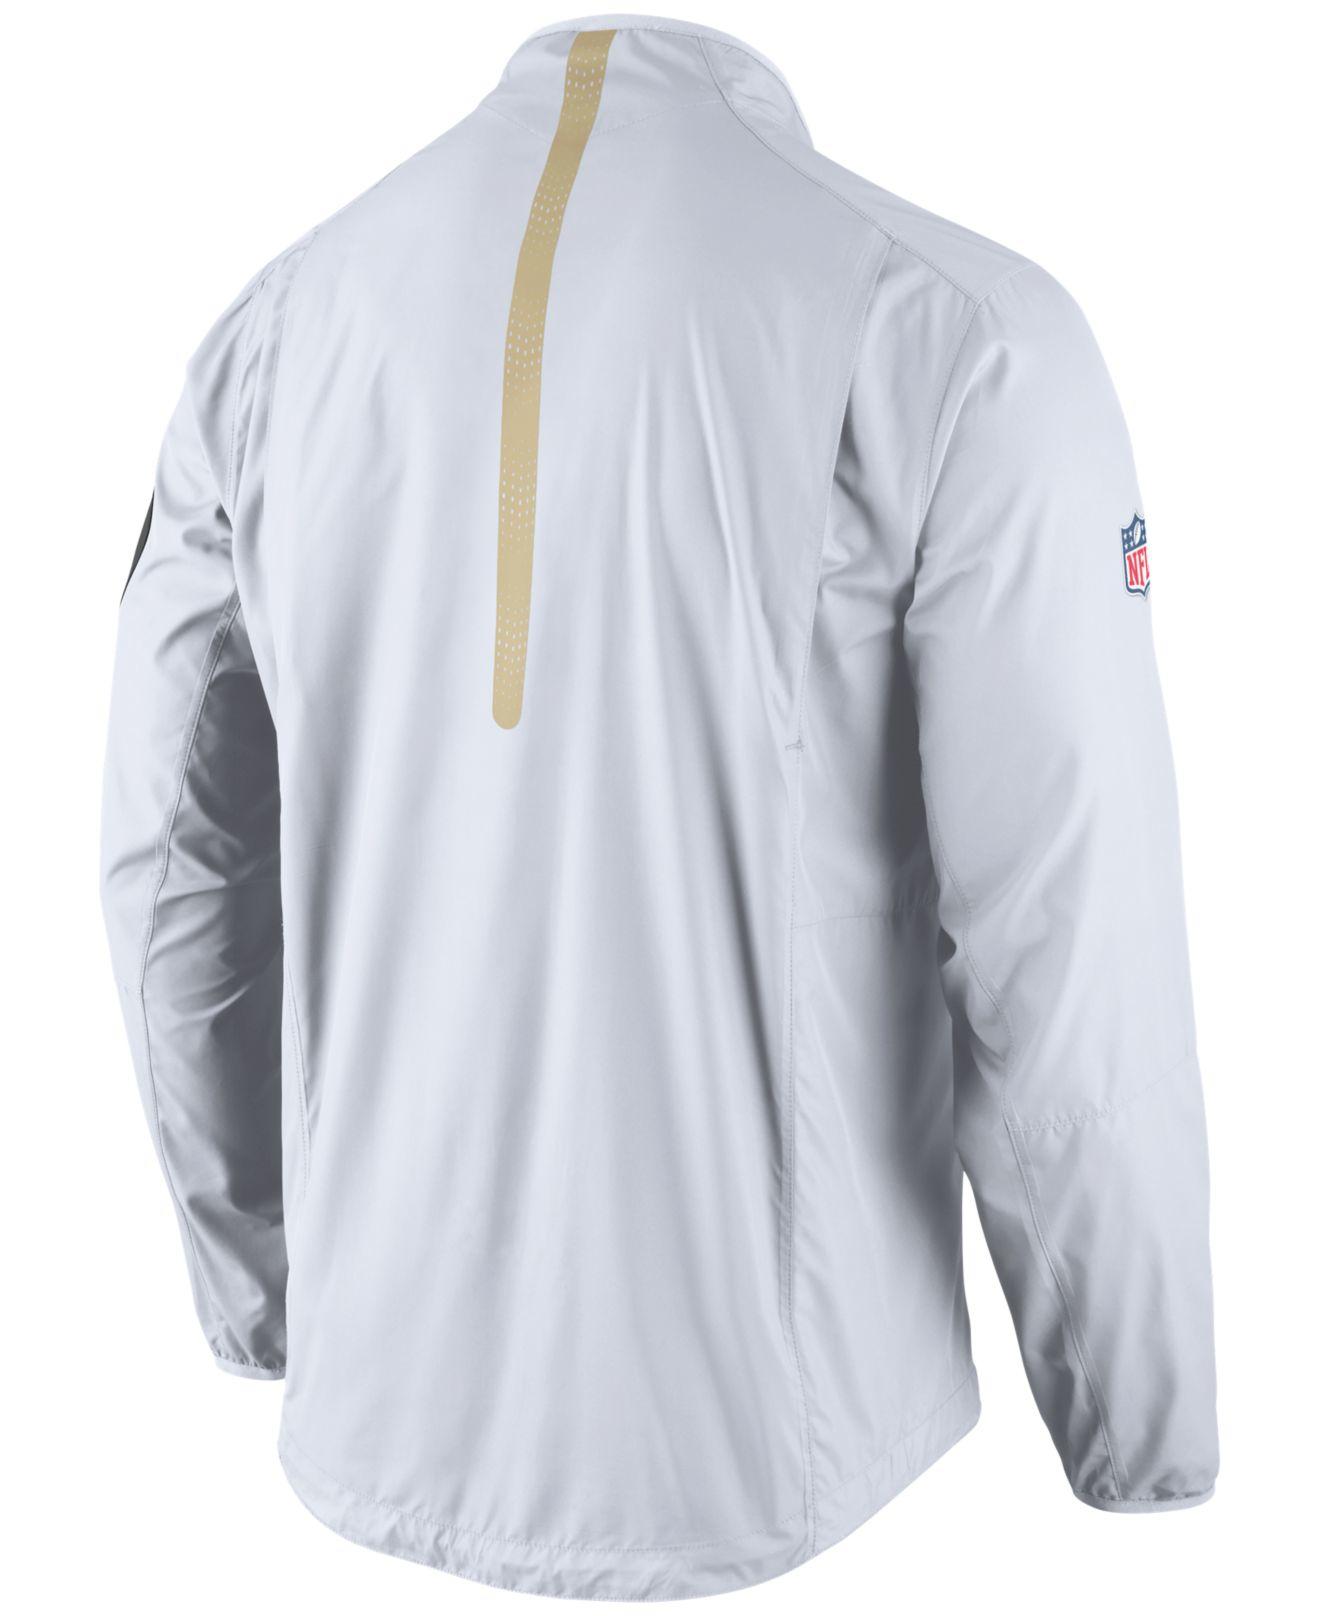 4033a2eca ... Nike Mens New Orleans Saints Lockdown Half-zip Jacket in Whi ...